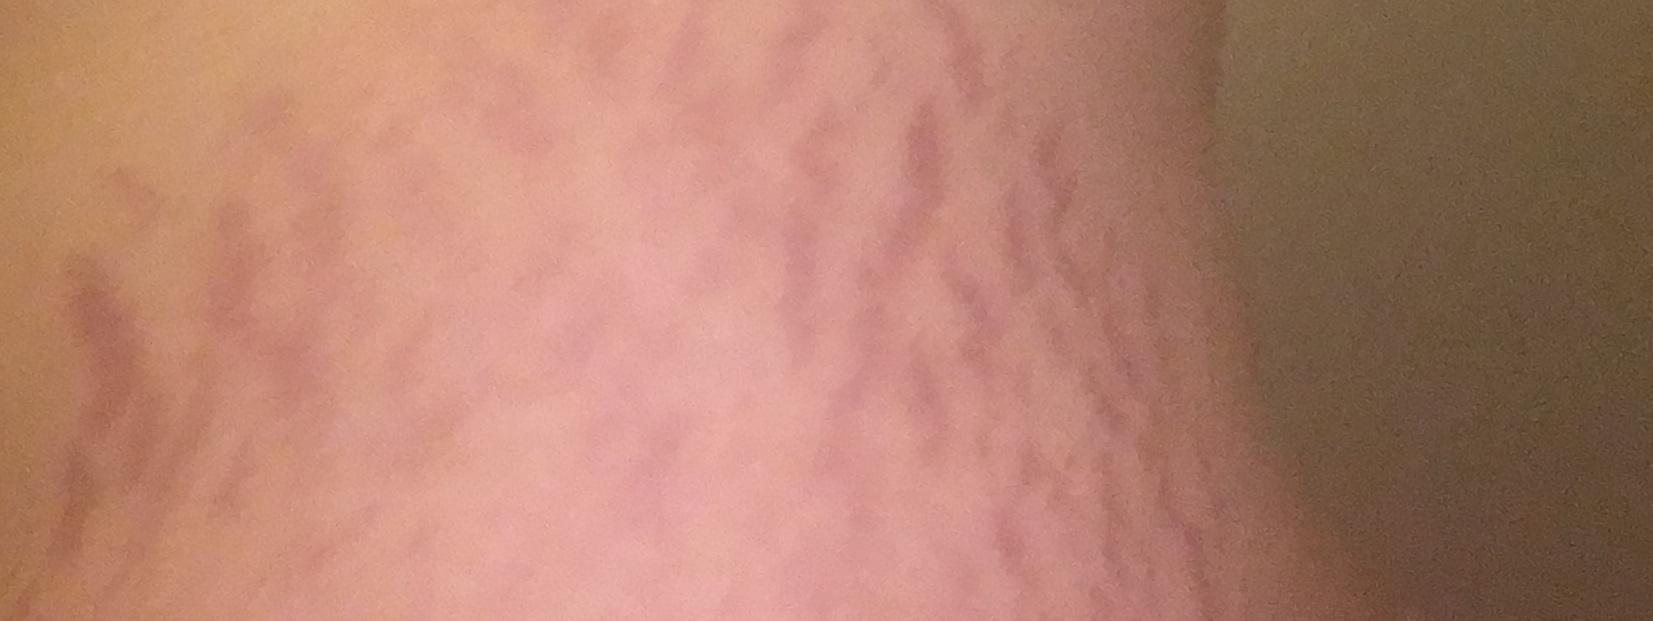 ترک های پوست در دوره بارداری